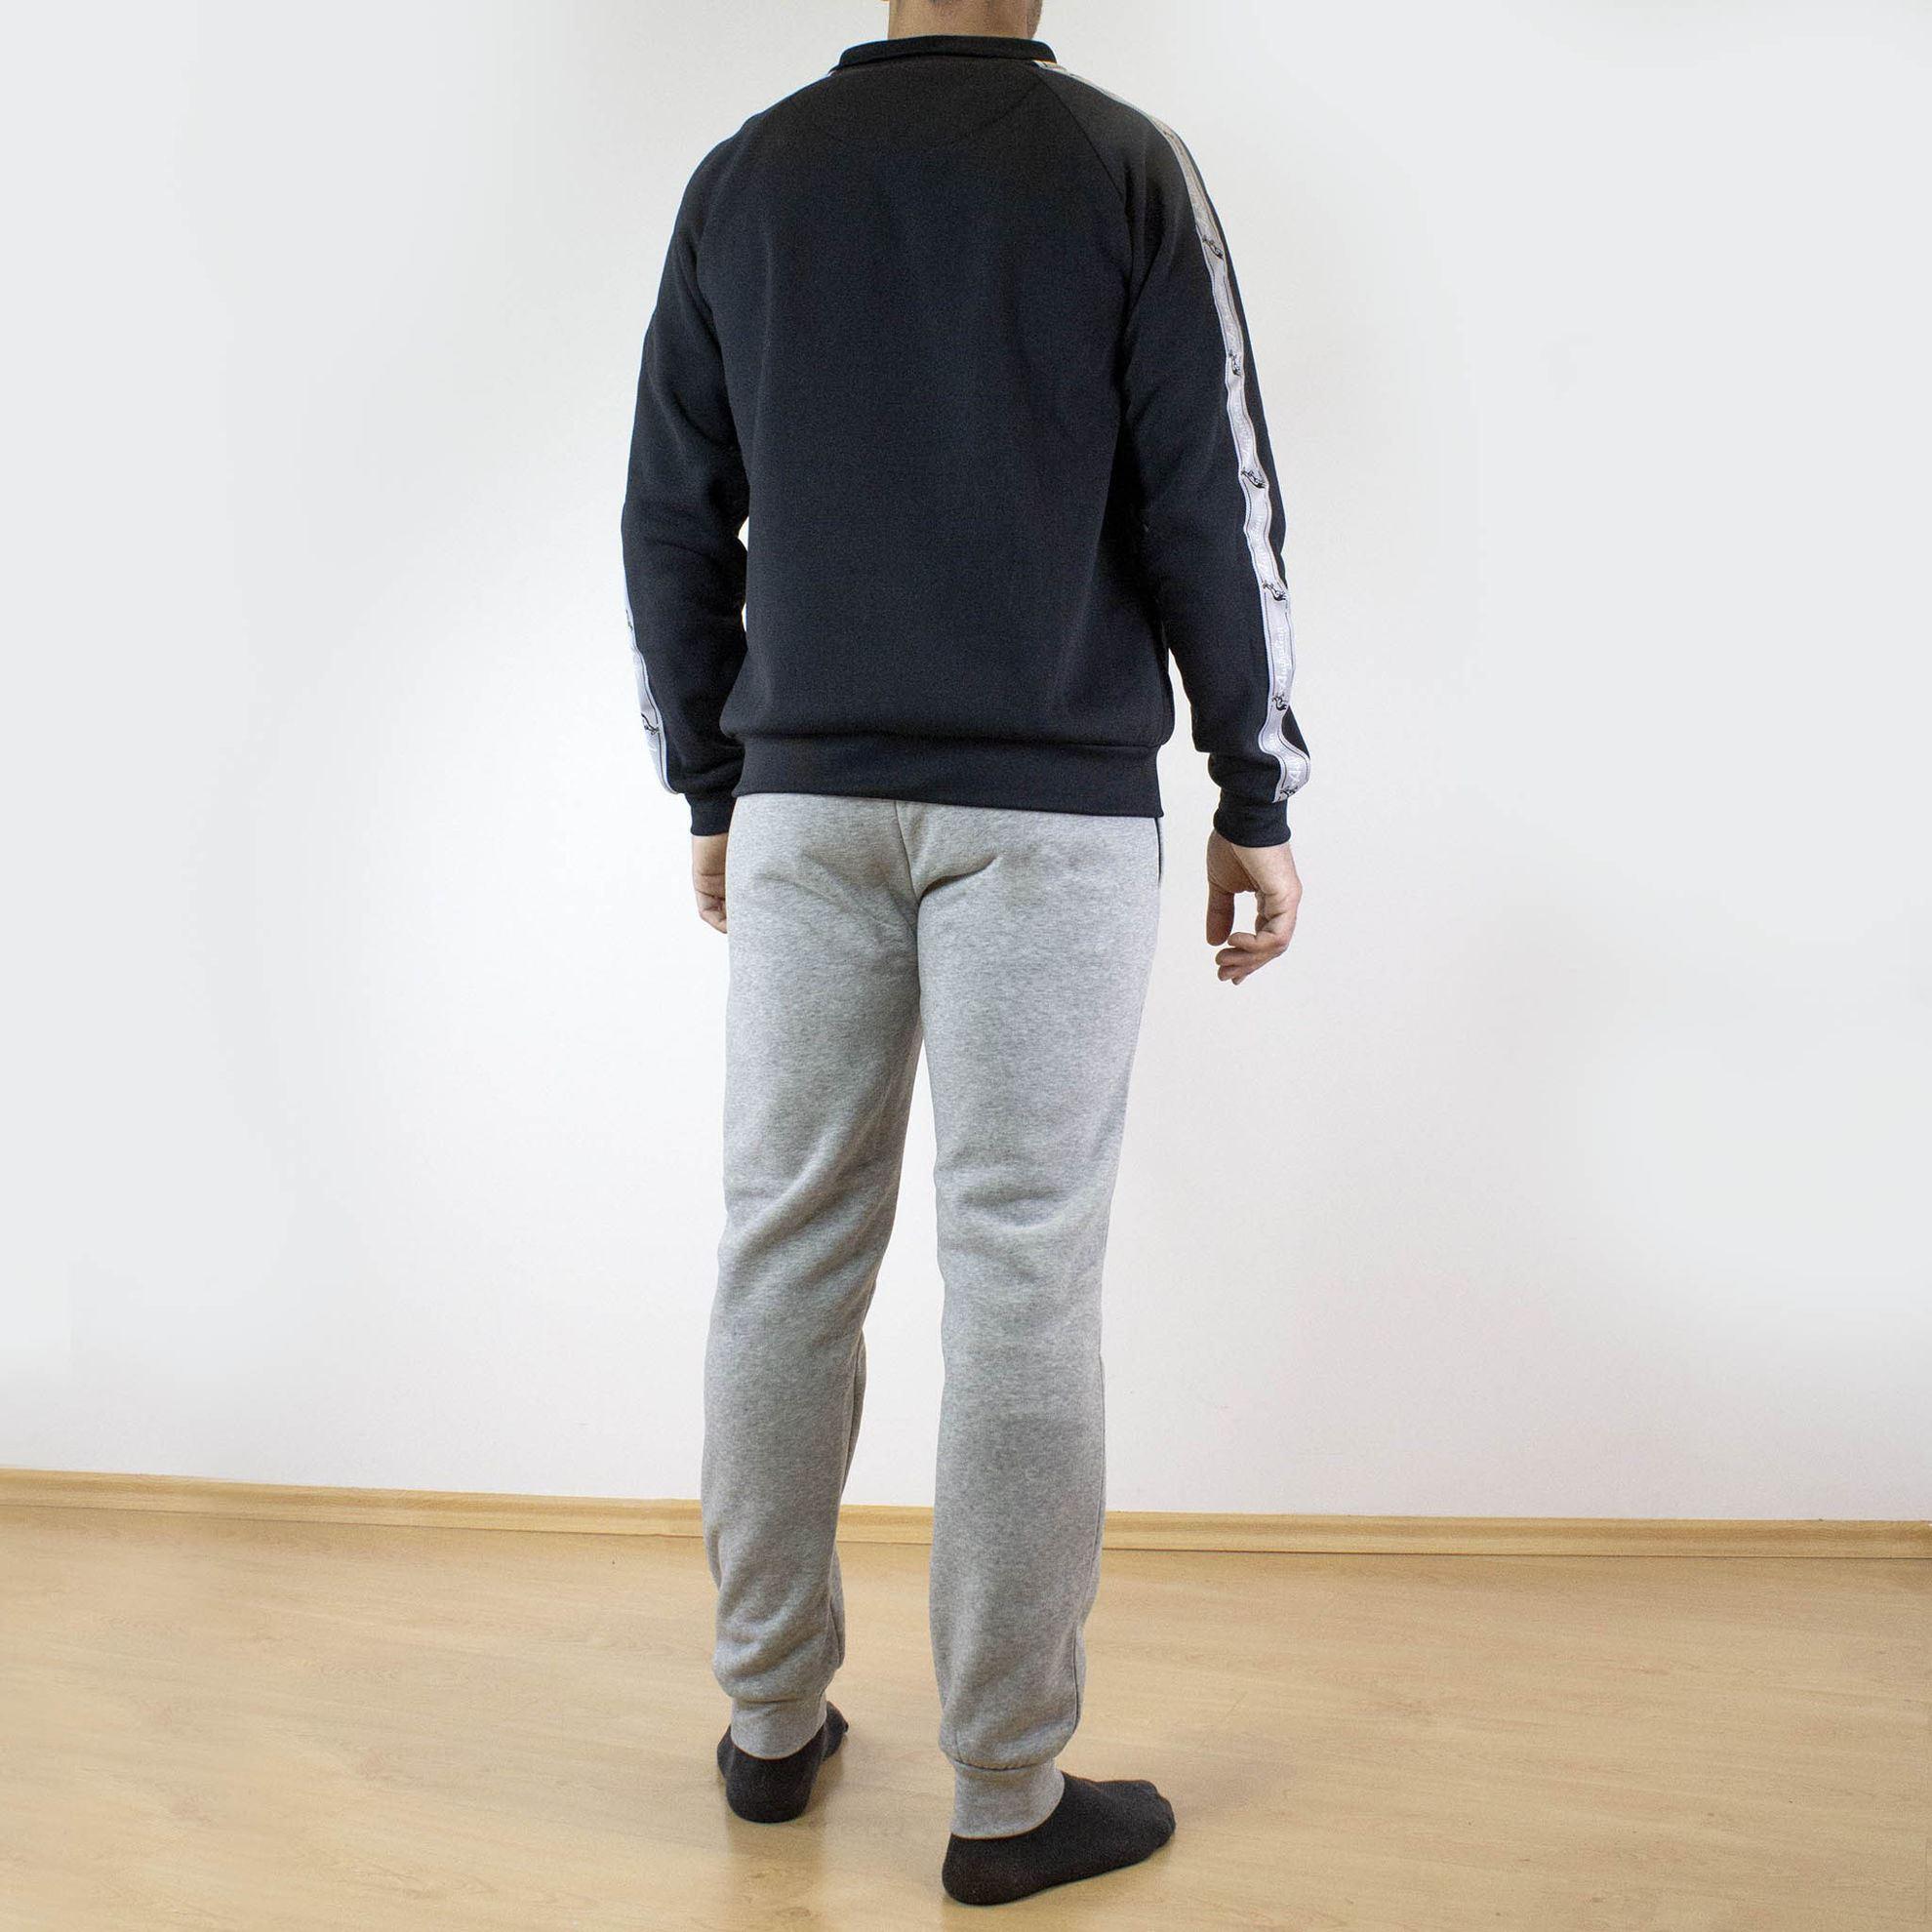 Immagine di AUSTRALIAN HOMEWEAR - UOMO TUTA FELPATA ZIP INTERA HOMEWEAR